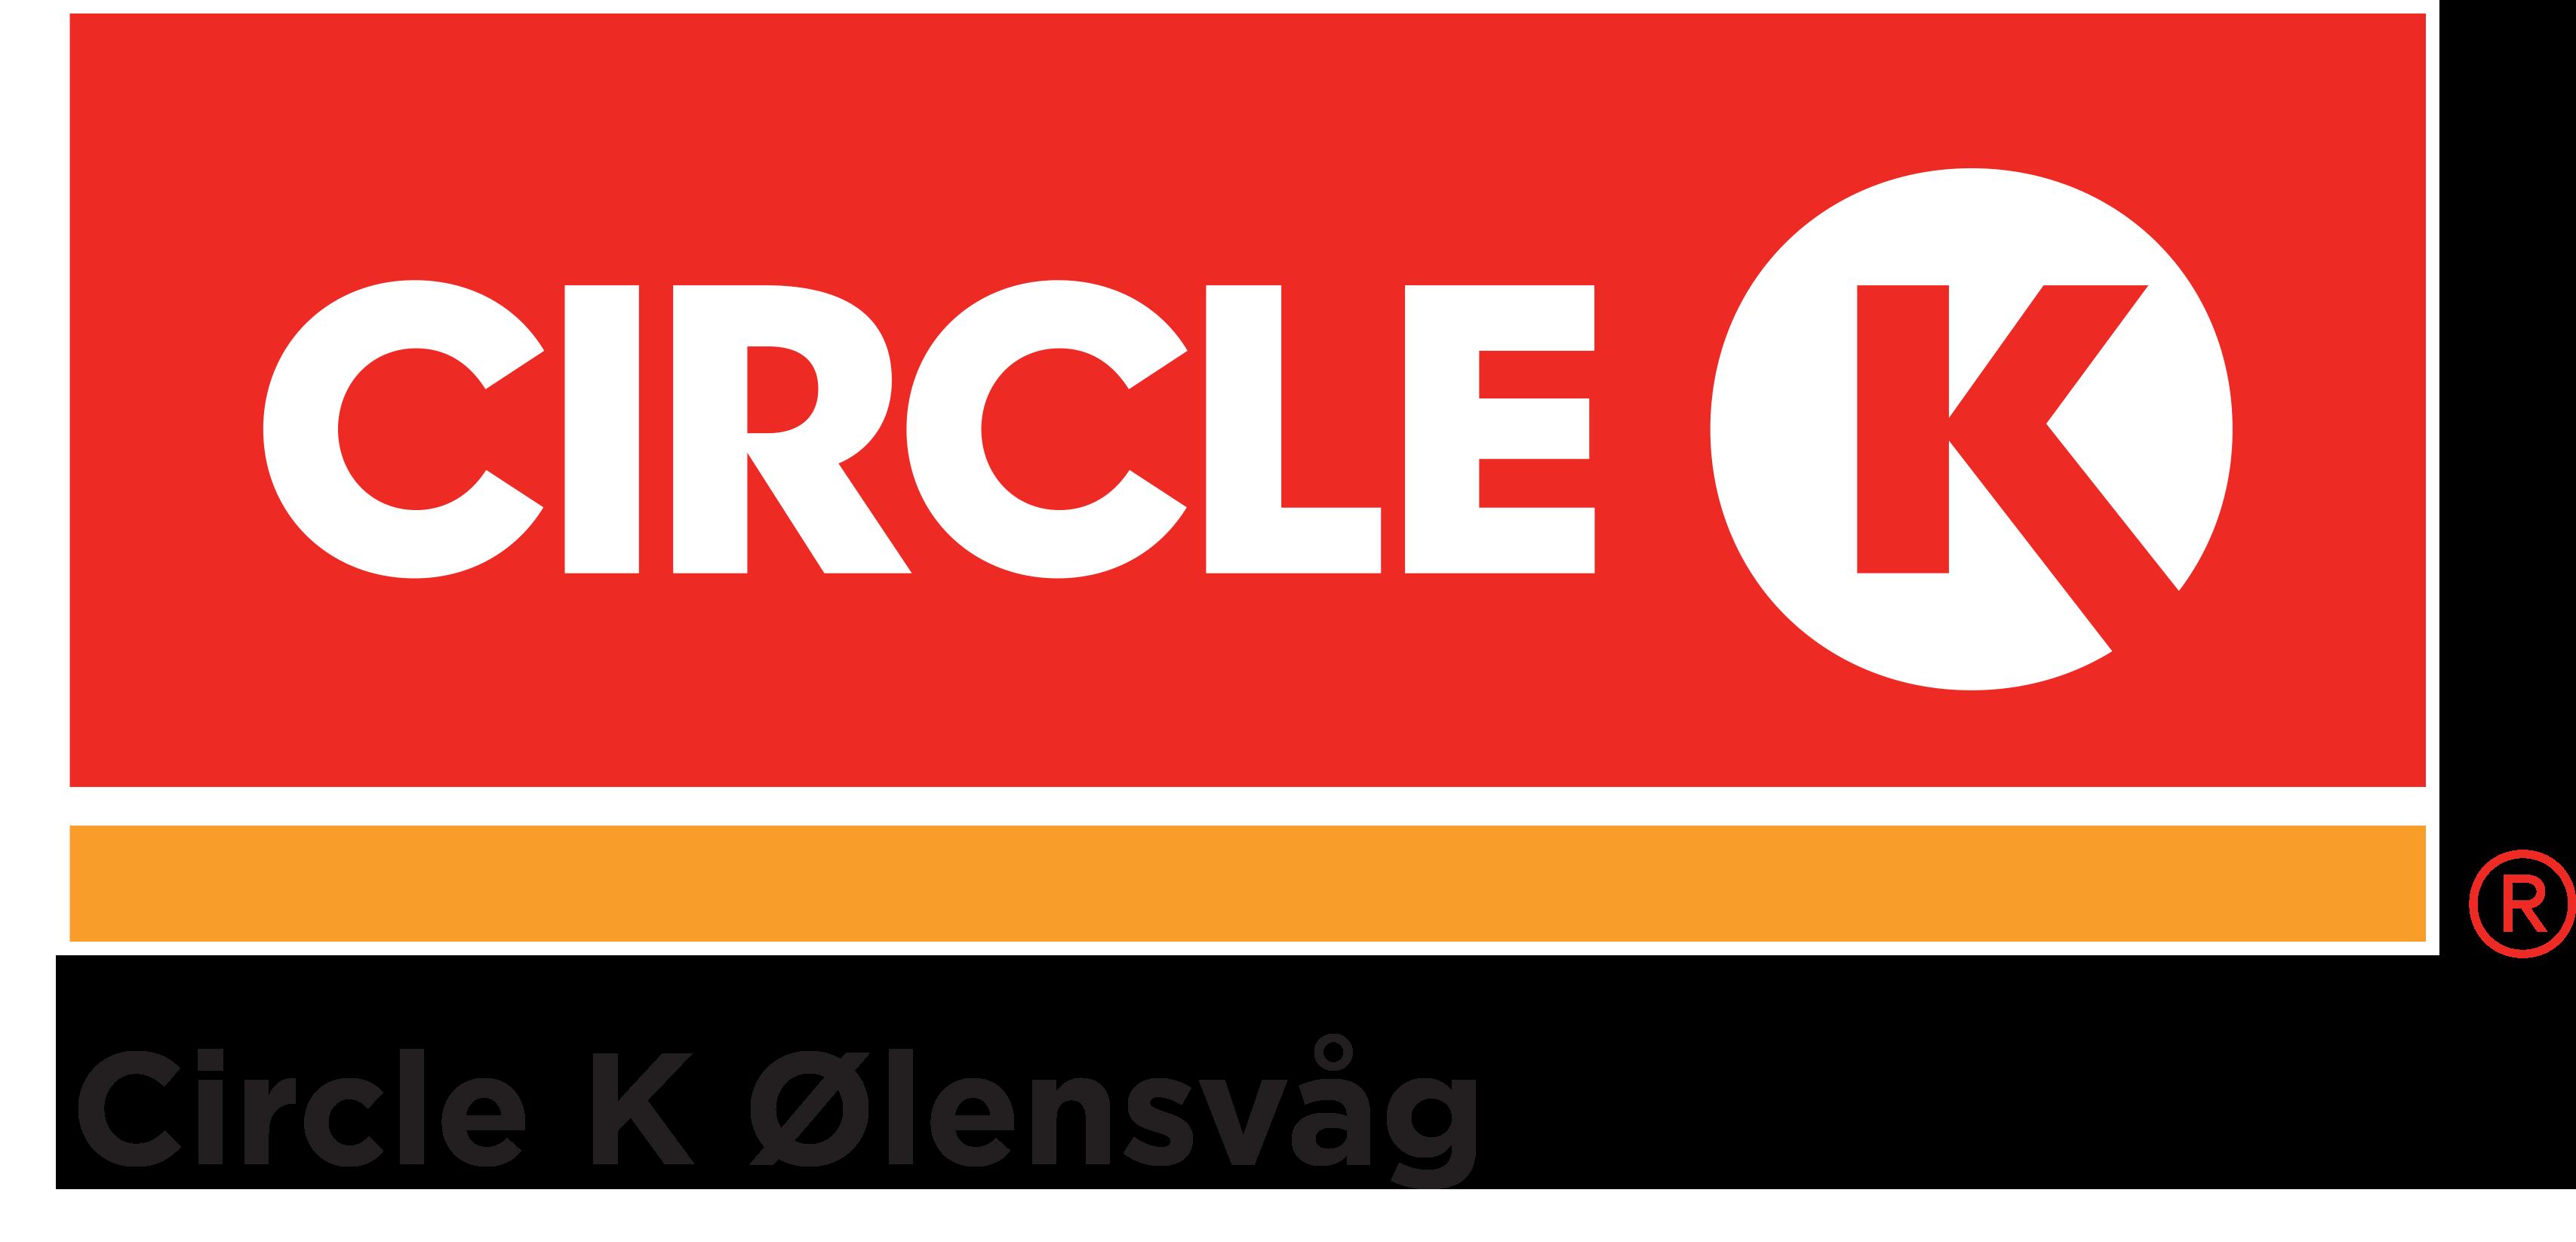 Circle K Ølensvåg / Ølensvåg Autosenter